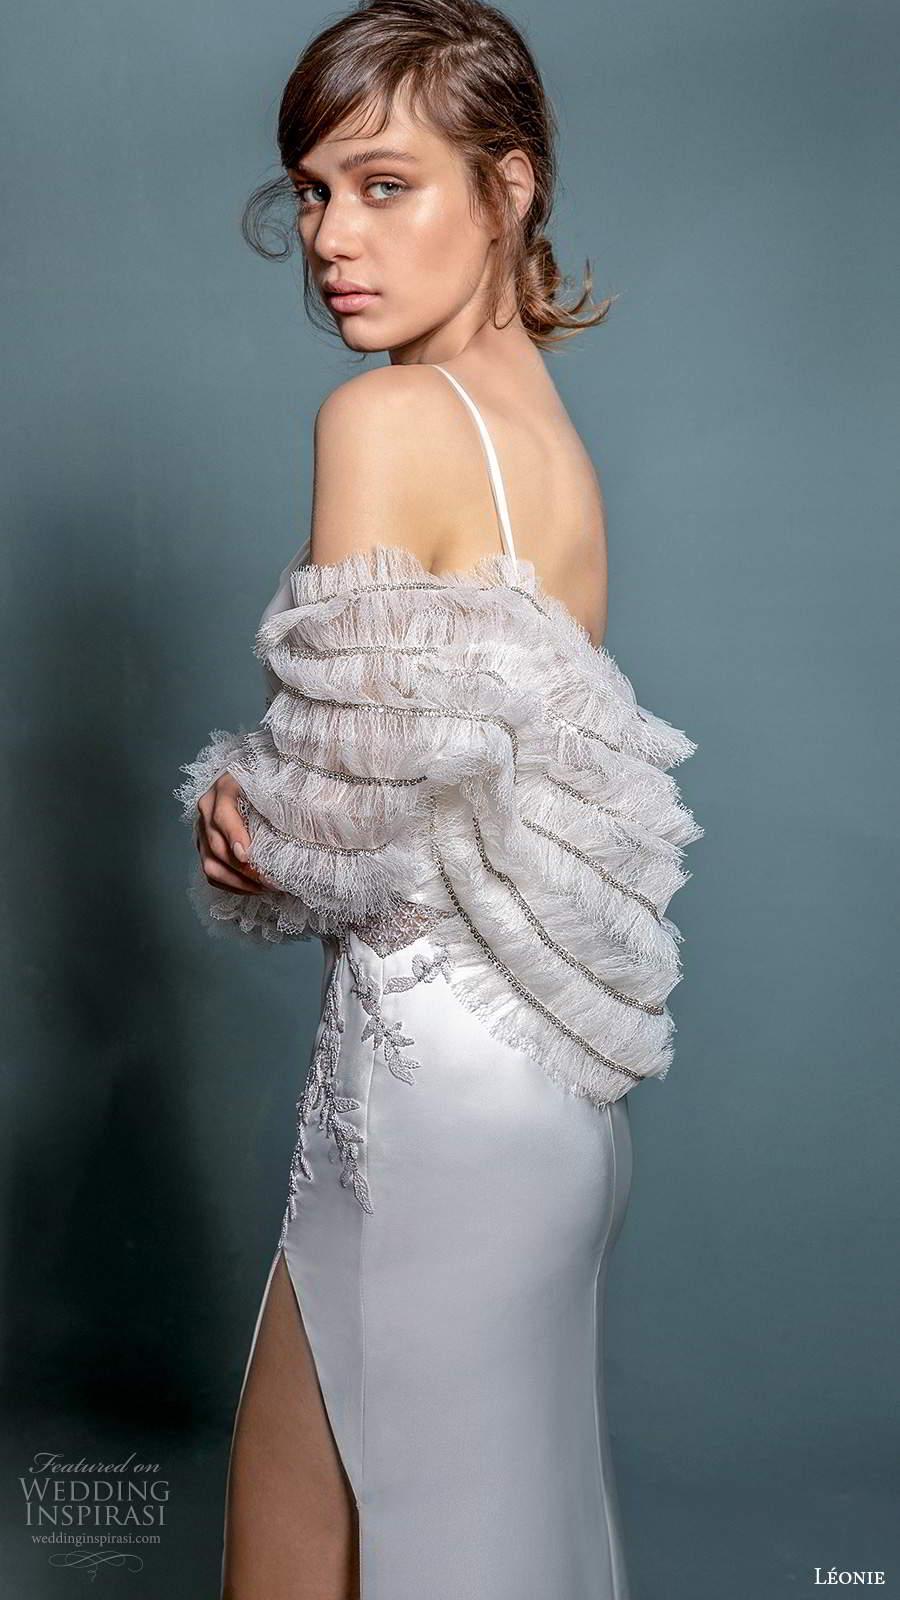 leonie bridal 2020 bridal sleeveless thin straps surplice v neckline embellished bodice sheath wedding dress slit skirt (9) zsv